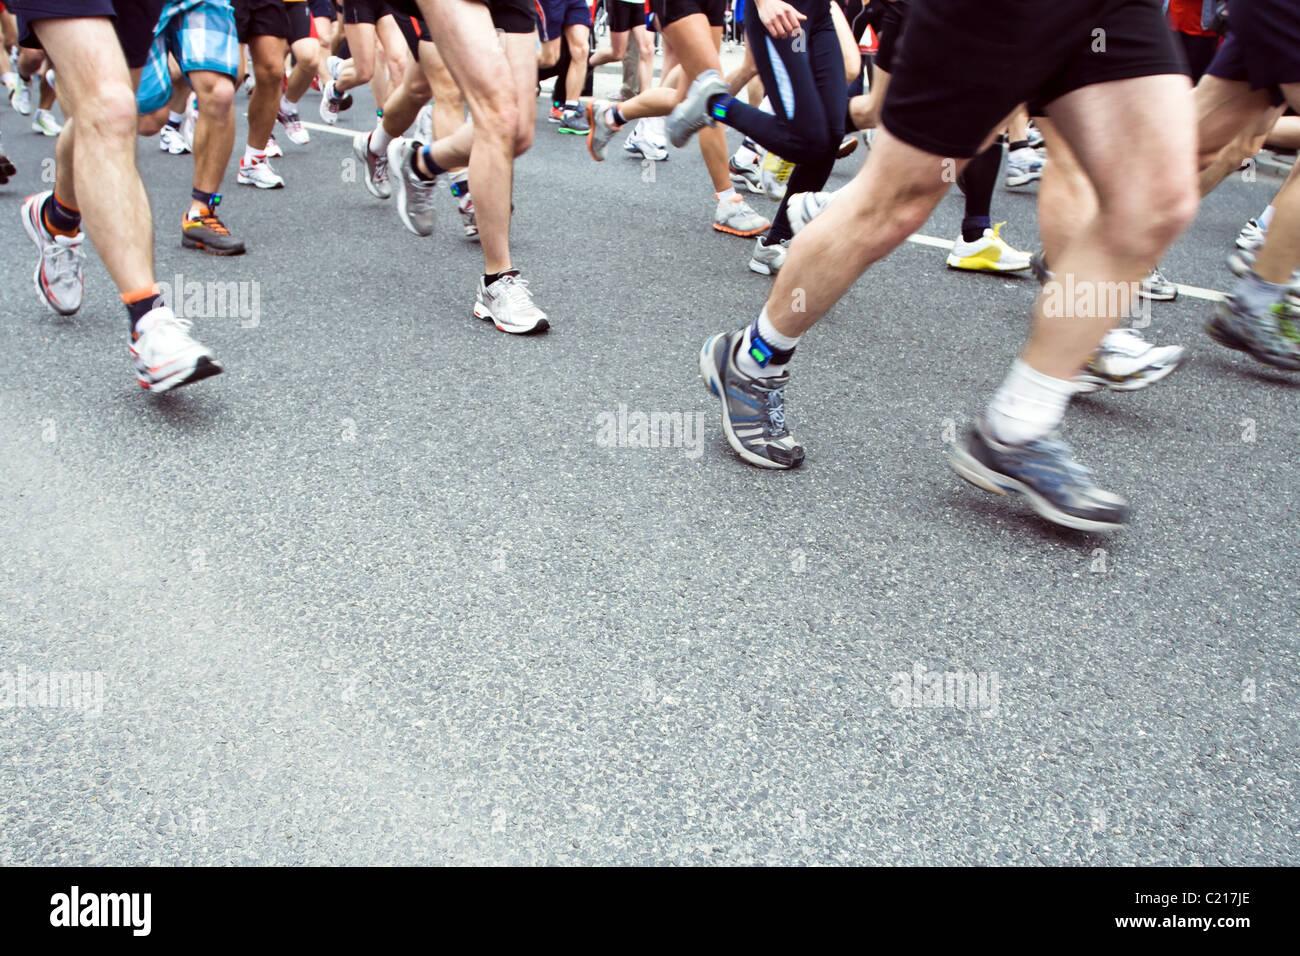 Guide di scorrimento in esecuzione in city marathon, motion blur sulle gambe Immagini Stock